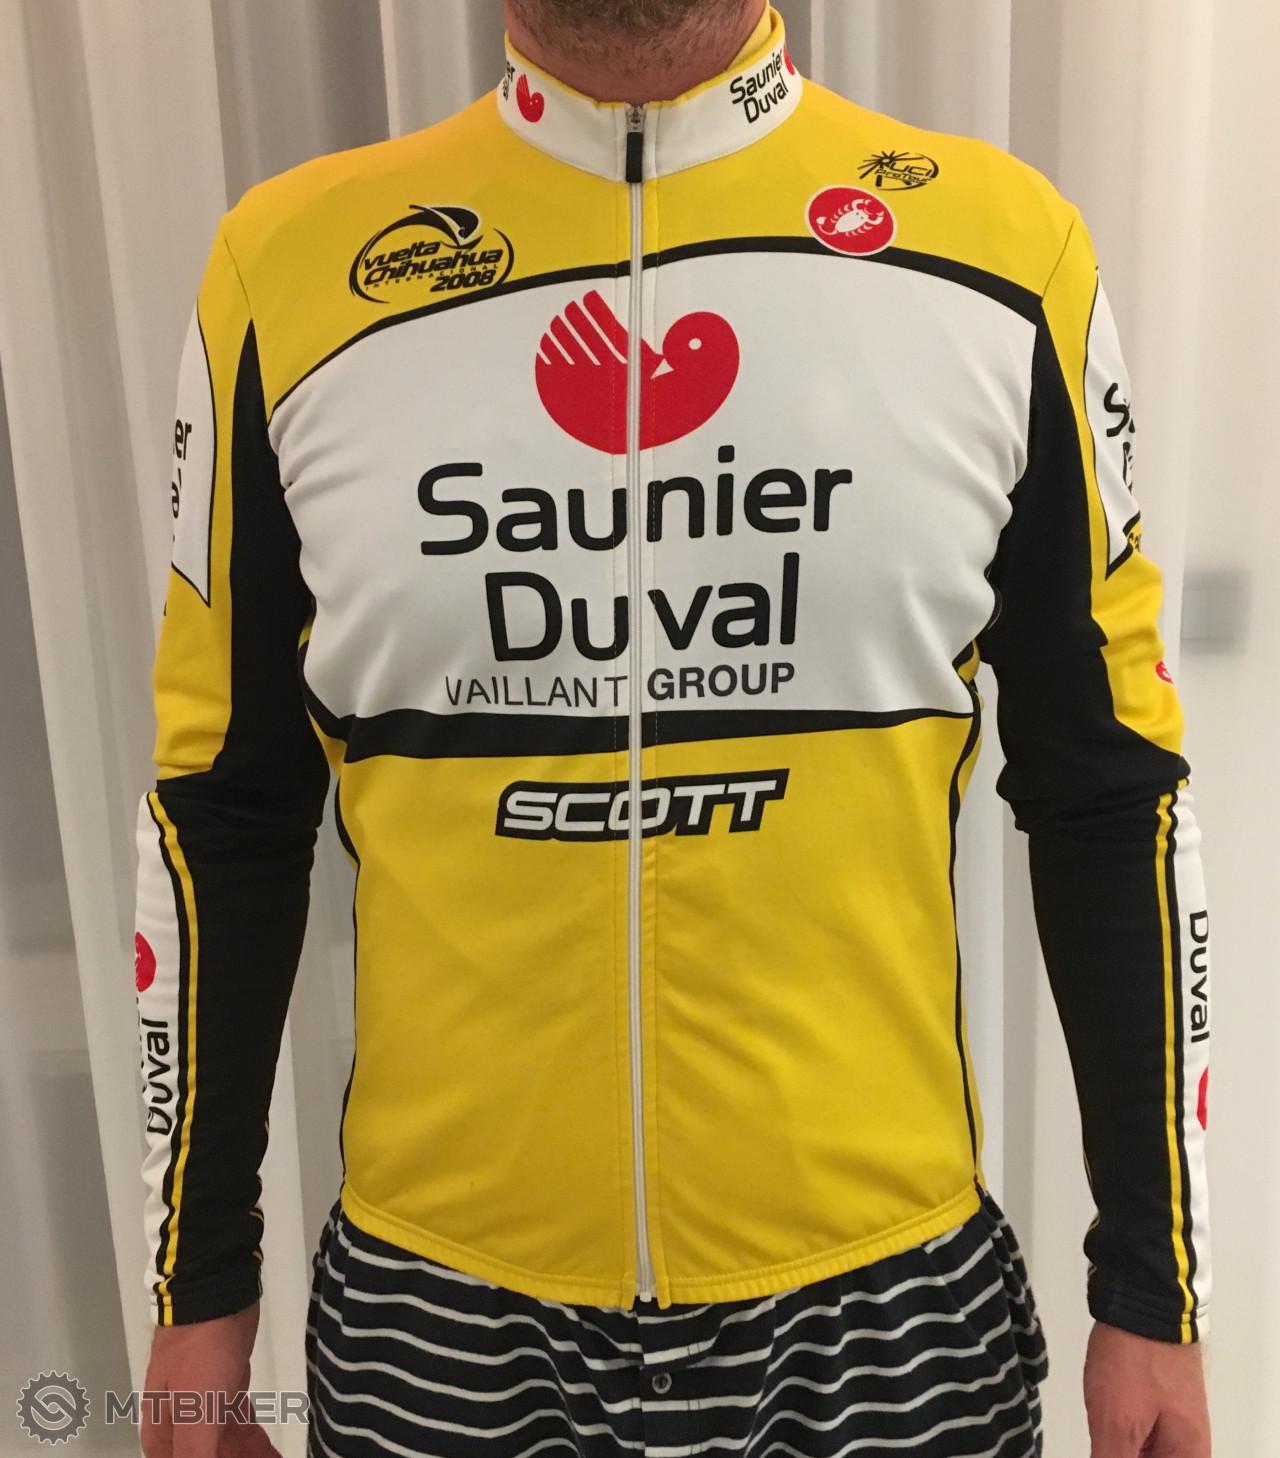 35ccfa5122a66 Dres Official Castelli - Scott Cycling Team, La Vuelta 2008 (zateplená  Bunda) - Príslušenstvo - Oblečenie a batohy - Bazár MTBIKER